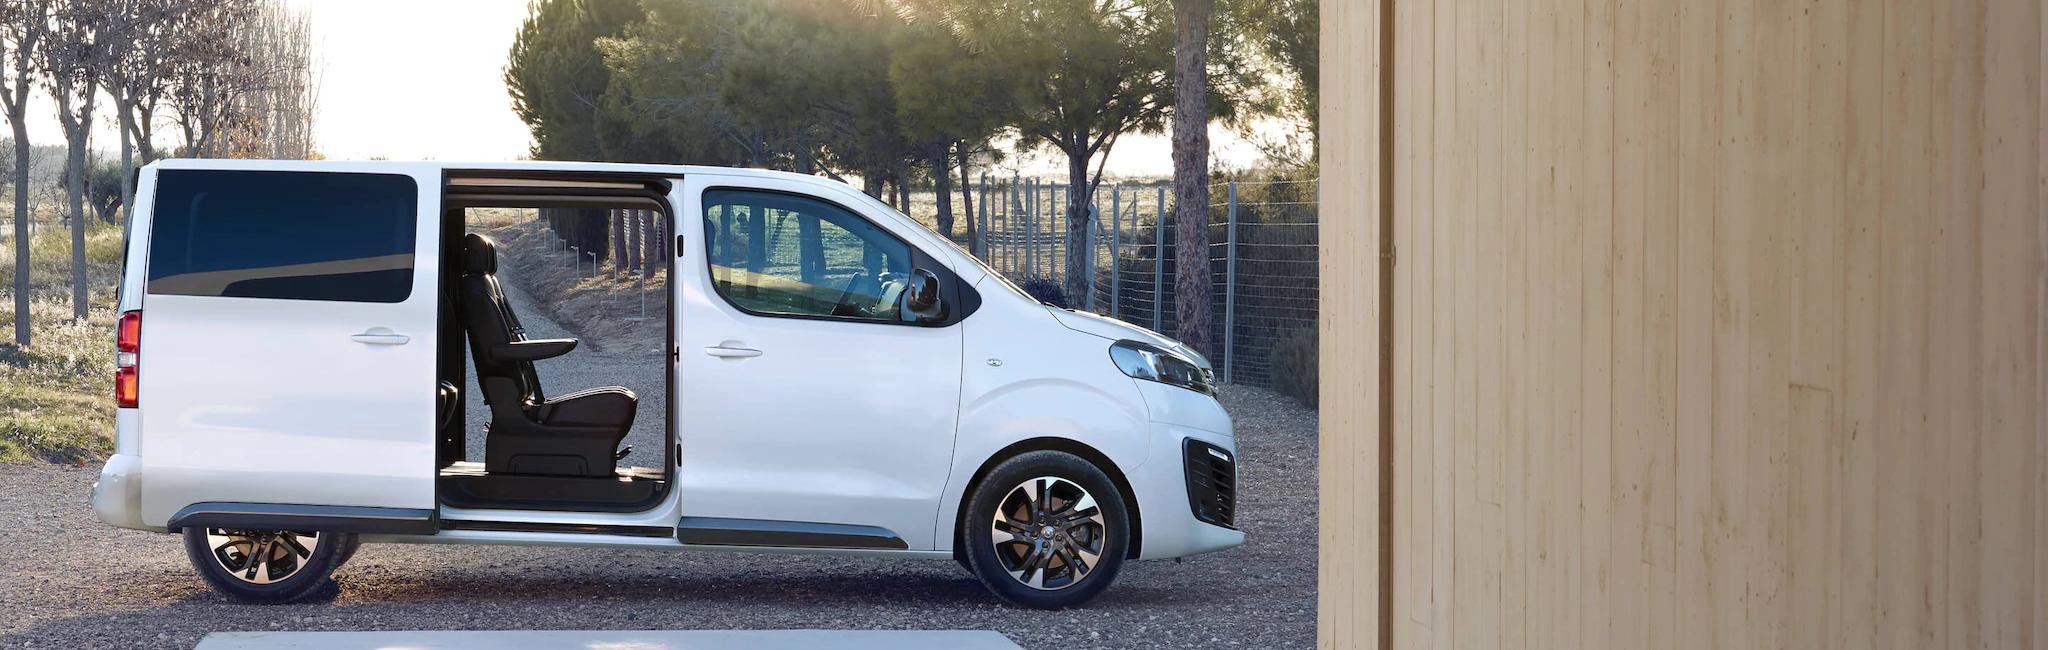 Opel_zafira_life_exterior_sliding_doors_21x9_zal195_e01_005